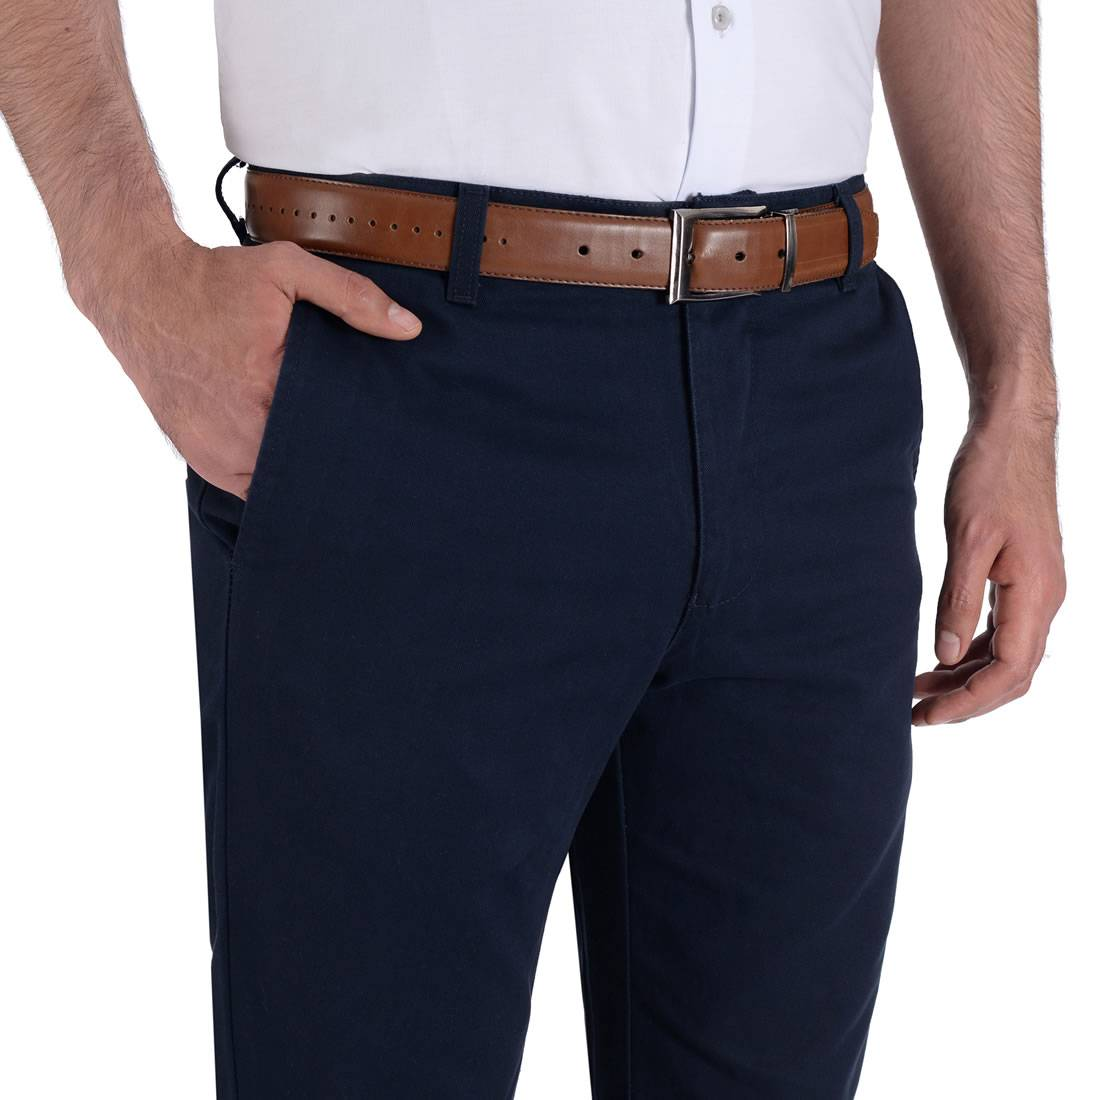 010811074419-03-Pantalon-Casual-Sin-Pinzas-Classic-Fit-Marino-yale